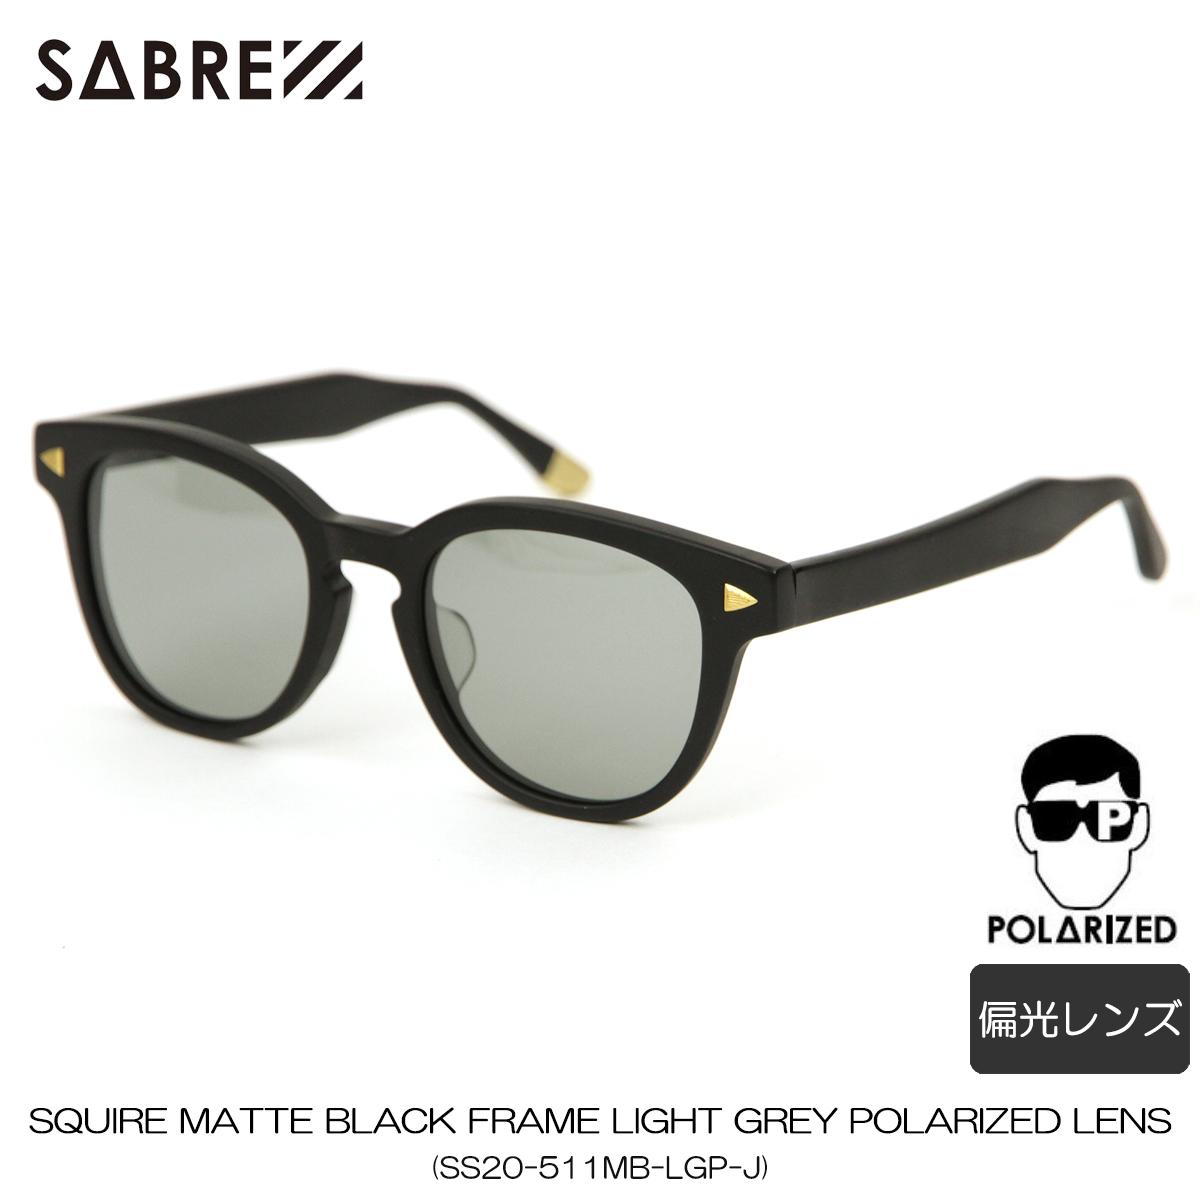 セイバー サングラス 正規販売店 SABRE サングラス SQUIRE MATTE BLACK FRAME SUNGLASS LIGHT GREY POLARIZED LENS SS20-511MB-LGP-J 偏光レンズ A55B B3C C3D D1E E13F